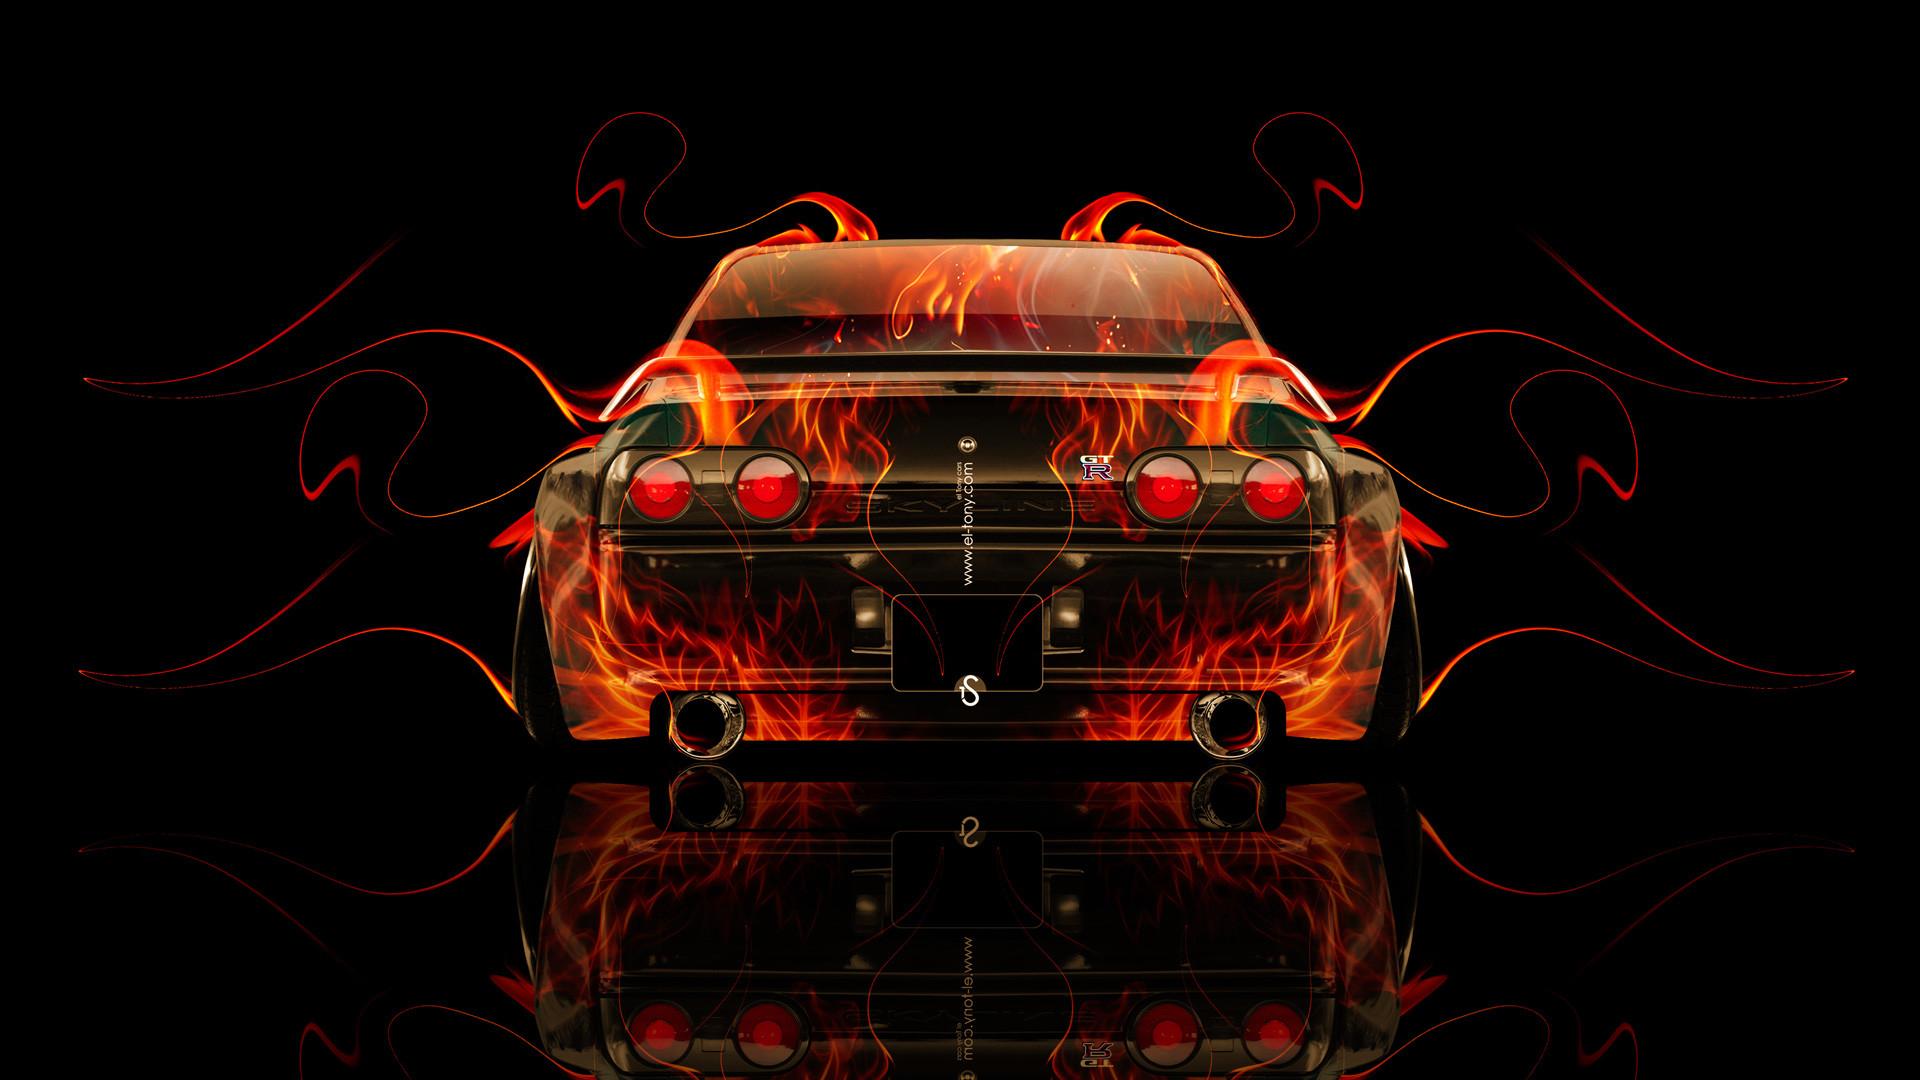 Beautiful 2560x1600 Skyline Cars Nissan Nissan Skyline Nissan Skyline R32 Nissan  Skyline R32 Gtr Nissan Skyline Gtr